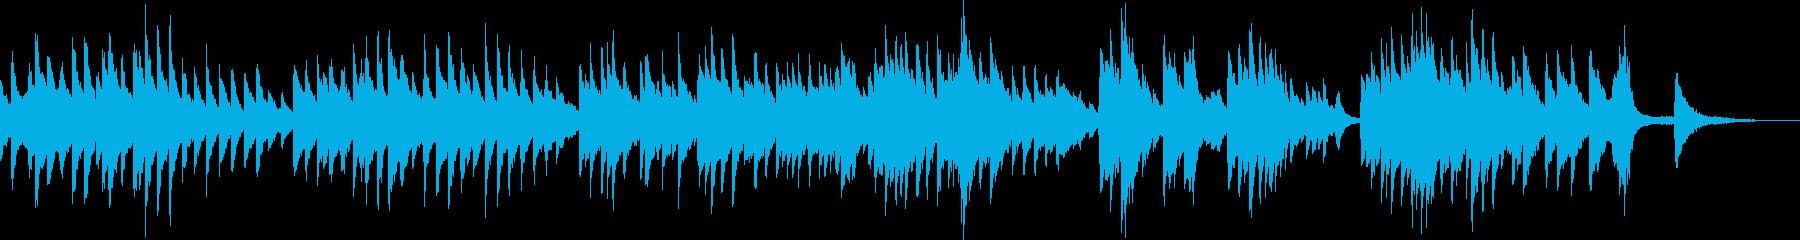 雄大な大地(ピアノ・ゆったり・爽やか)の再生済みの波形